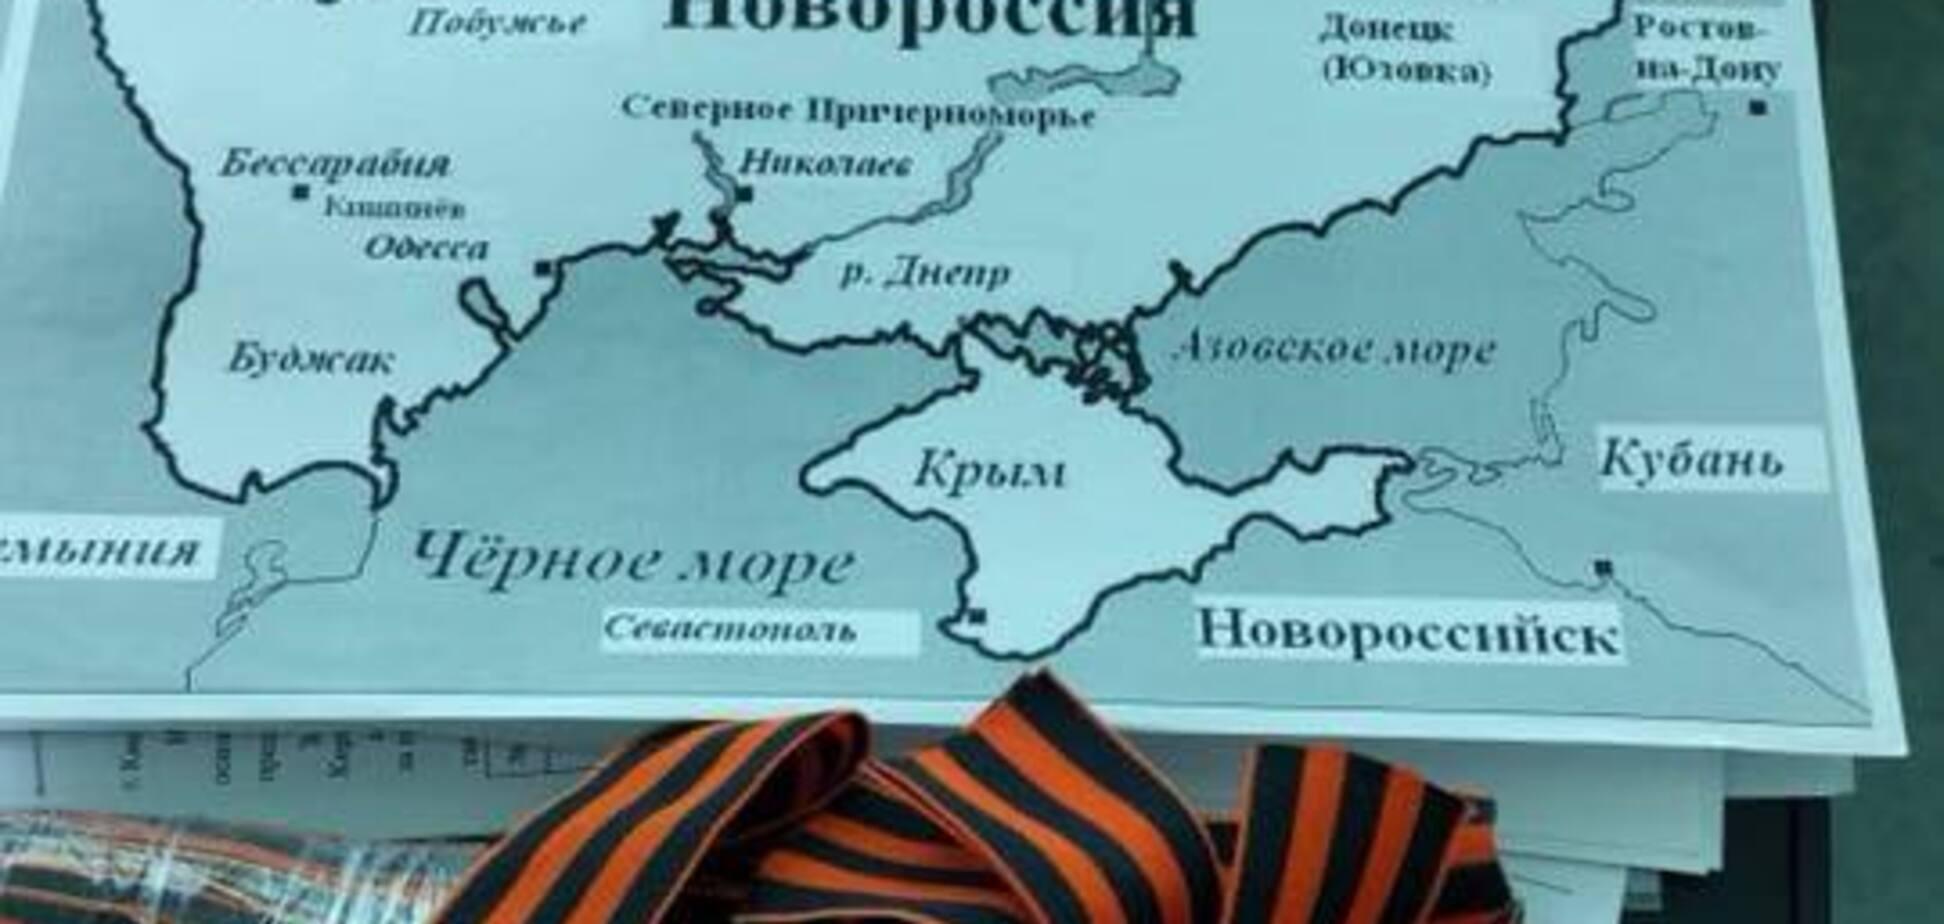 Карта 'Новоросії' та антиукраїнська символіка: що знайшли під час обшуку в 'РІА Новини'